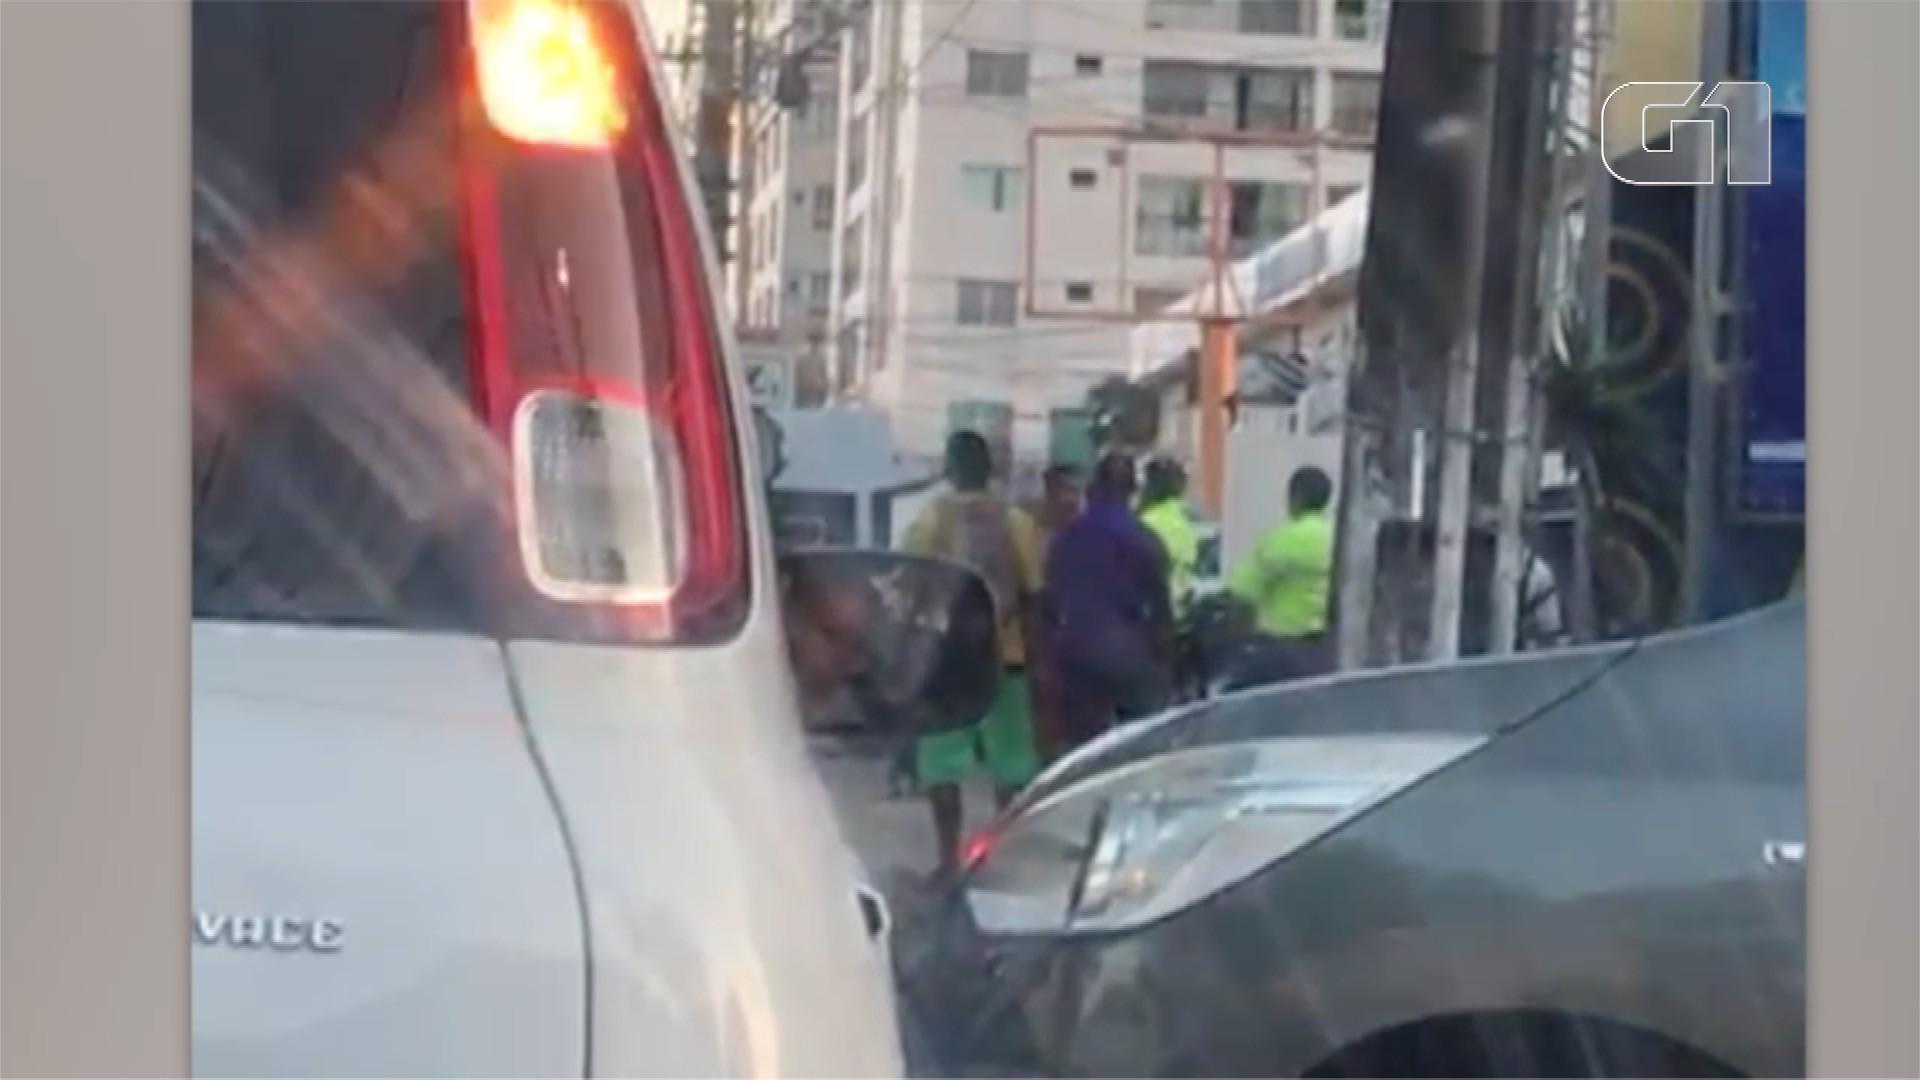 Vídeo mostra motorista agredindo agente de trânsito após ser multado em Natal - Notícias - Plantão Diário